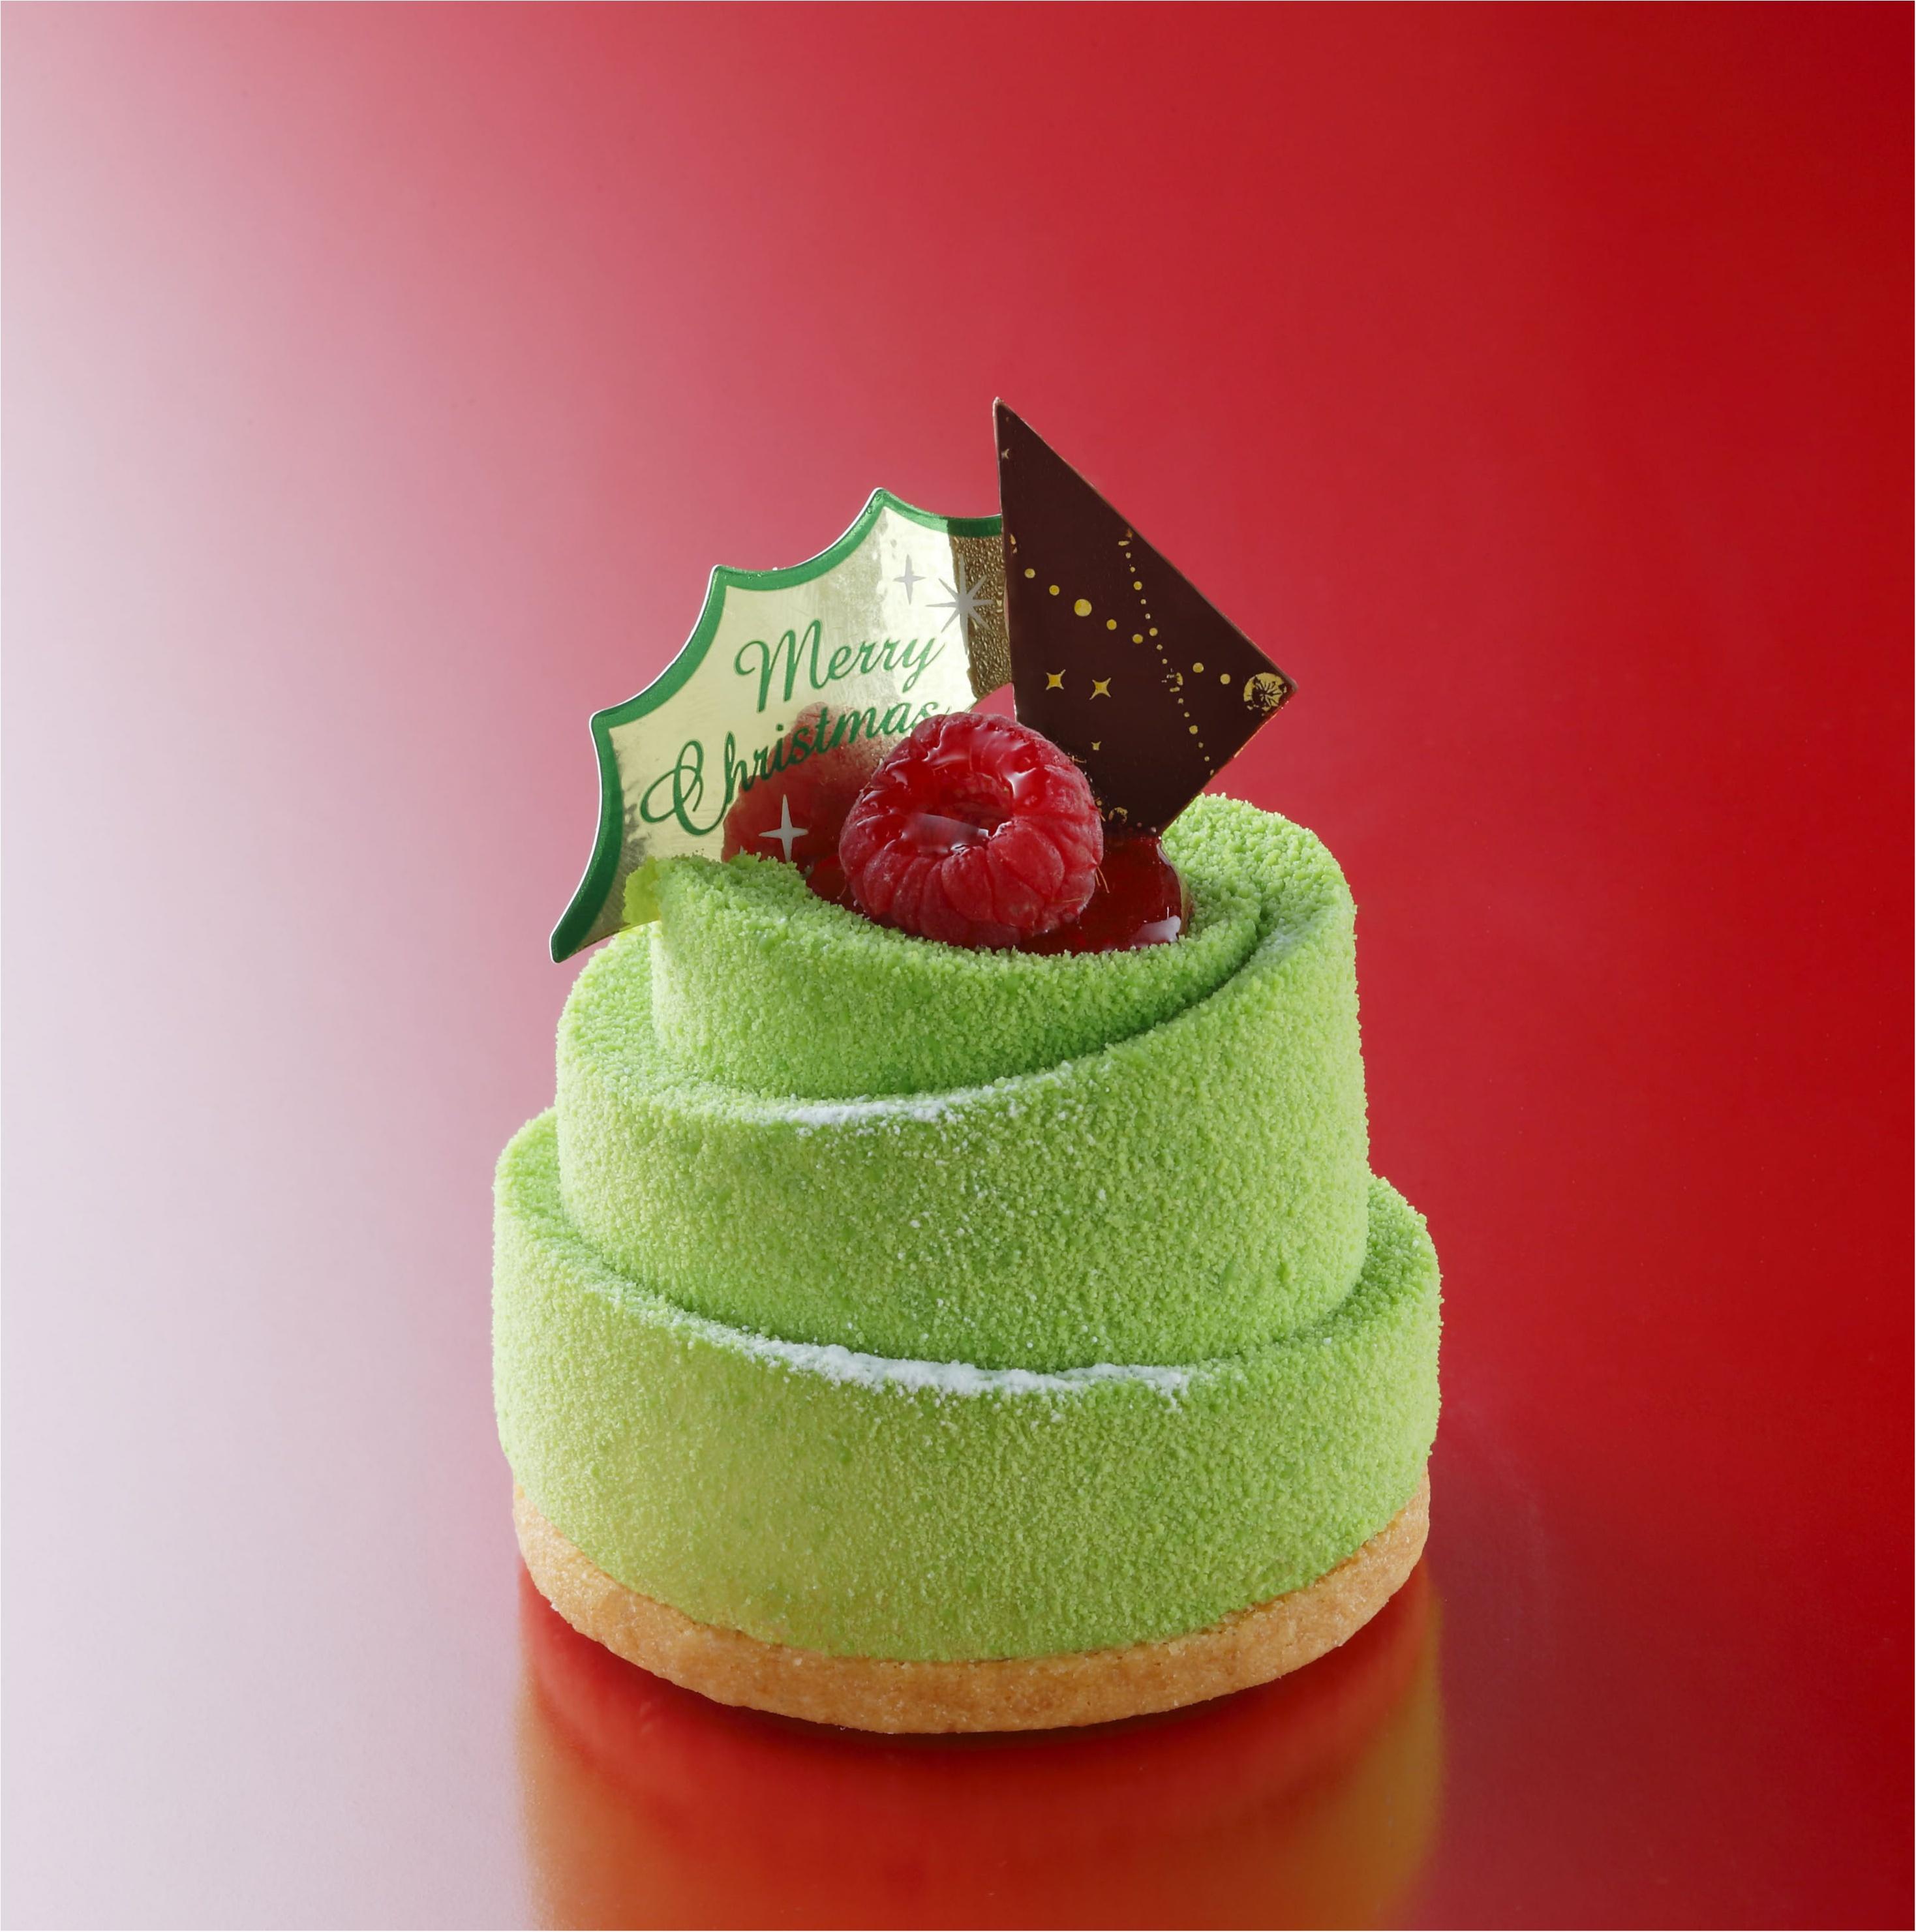 40年以上の歴史☆ 創業当時から変わらない『アンリ・シャルパンティエ』の、真っ白ケーキをご堪能あれ!_2_1